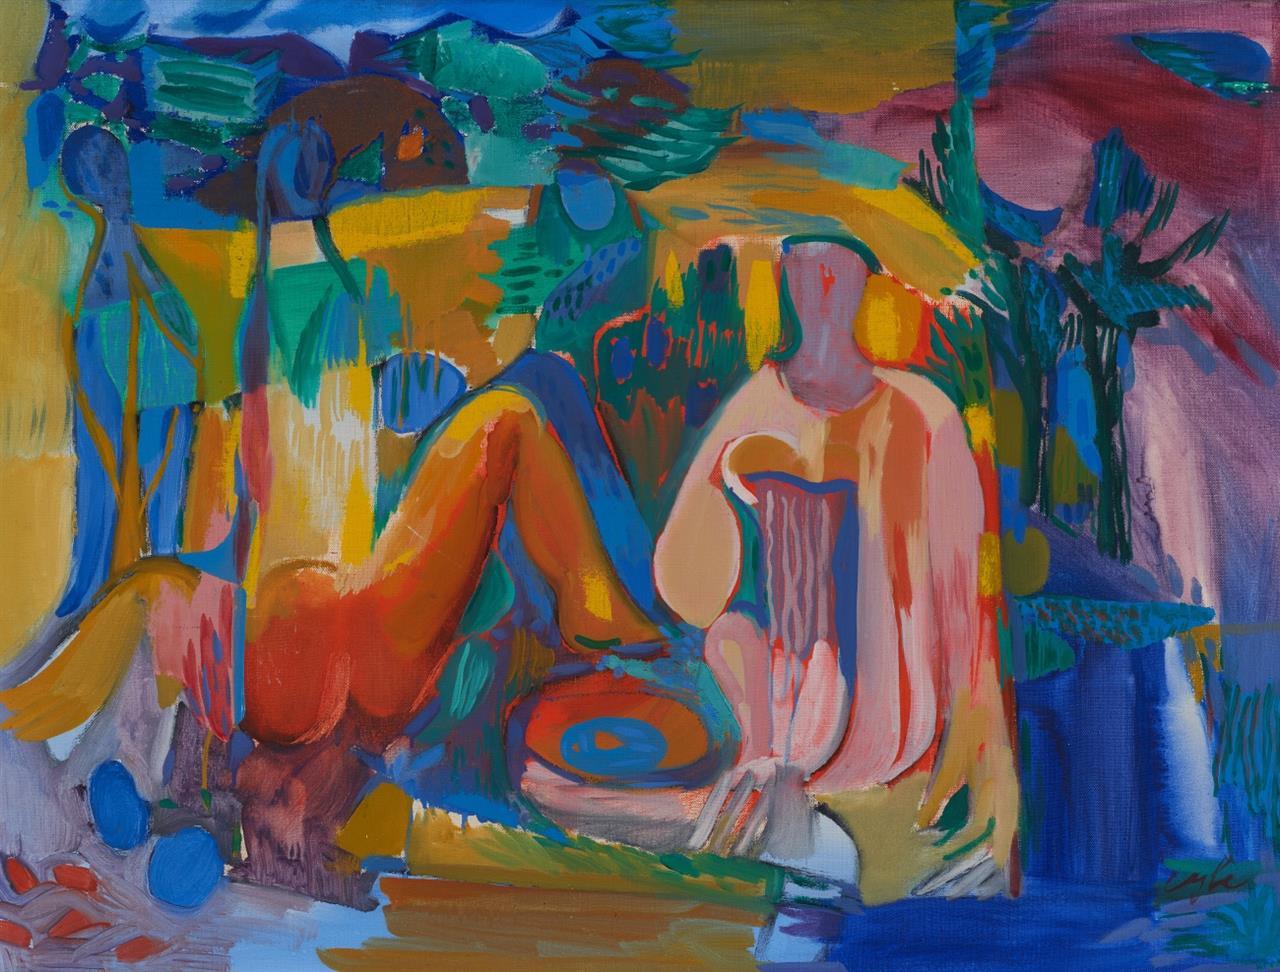 Curt Georg Becker. Mädchen im Walde (Myleran). 1970. Öl auf Leinwand. Monogrammiert.